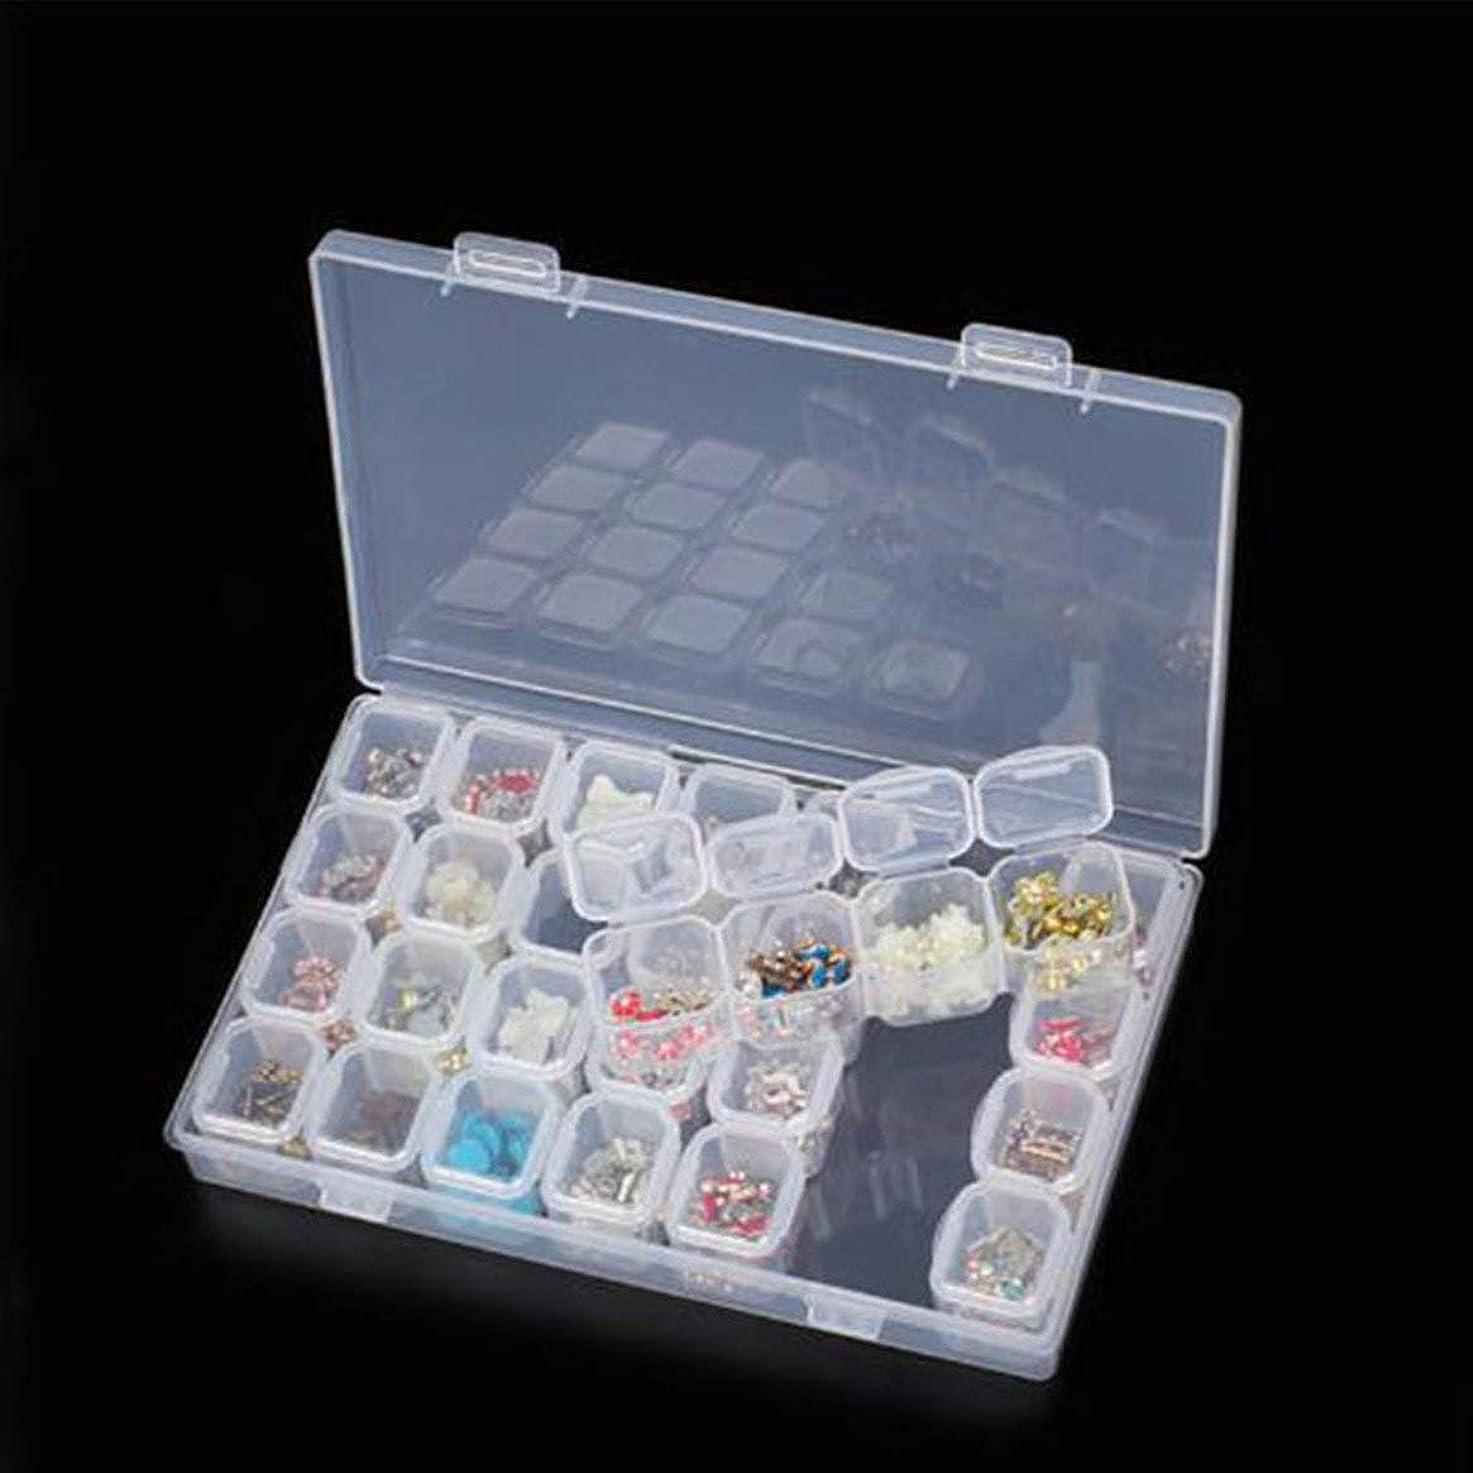 脈拍リンス打倒28スロットプラスチック収納ボックスボックスダイヤモンド塗装キットネールアートラインツールズ収納収納ボックスケースオーガナイザーホルダー(透明)